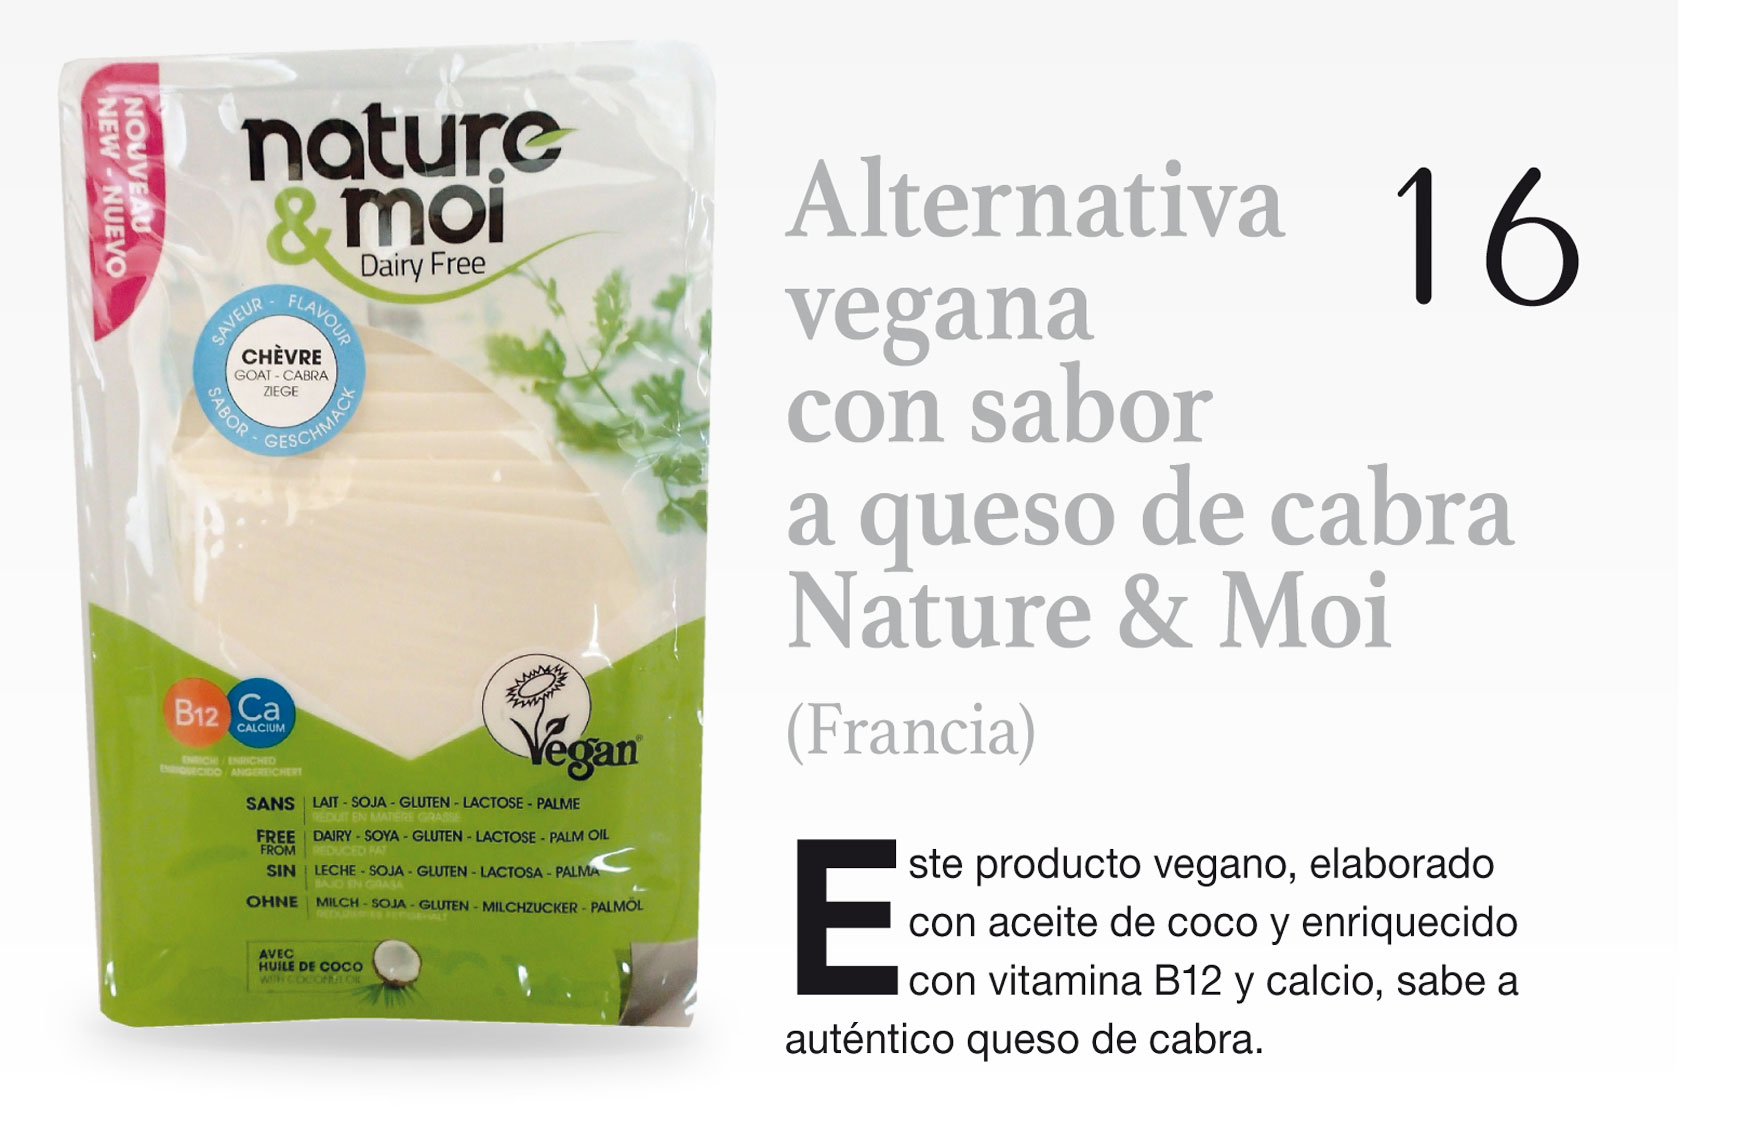 Alternativa vegana con sabor a queso de cabra Nature & Moi (Francia)